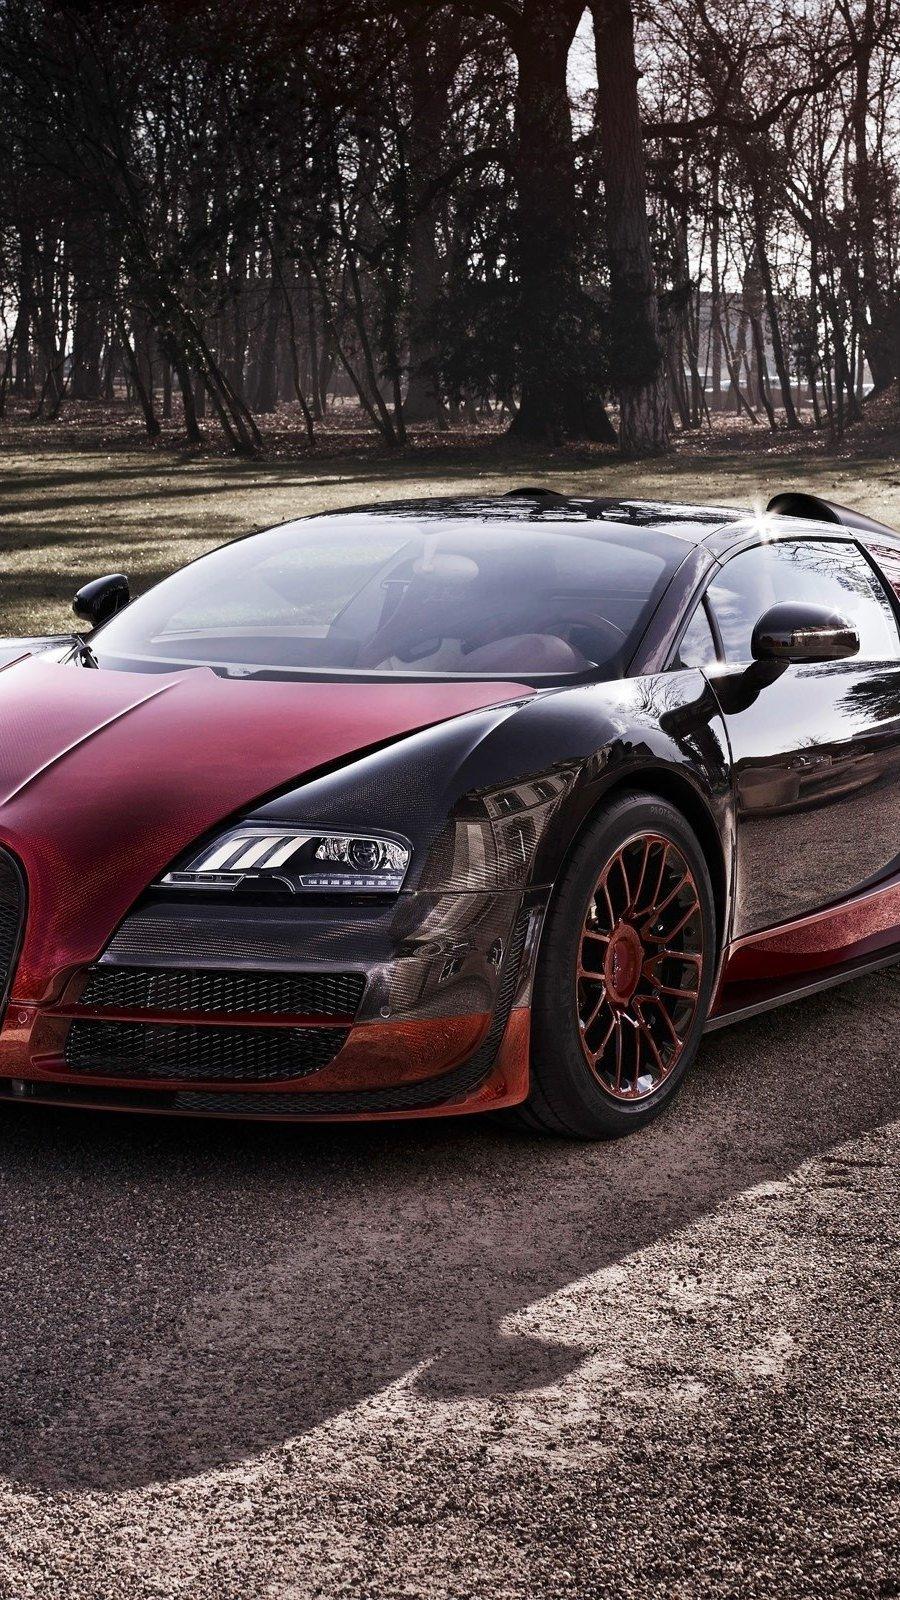 Fondos de pantalla Bugatti veyron grand sport vitesse la finale Vertical